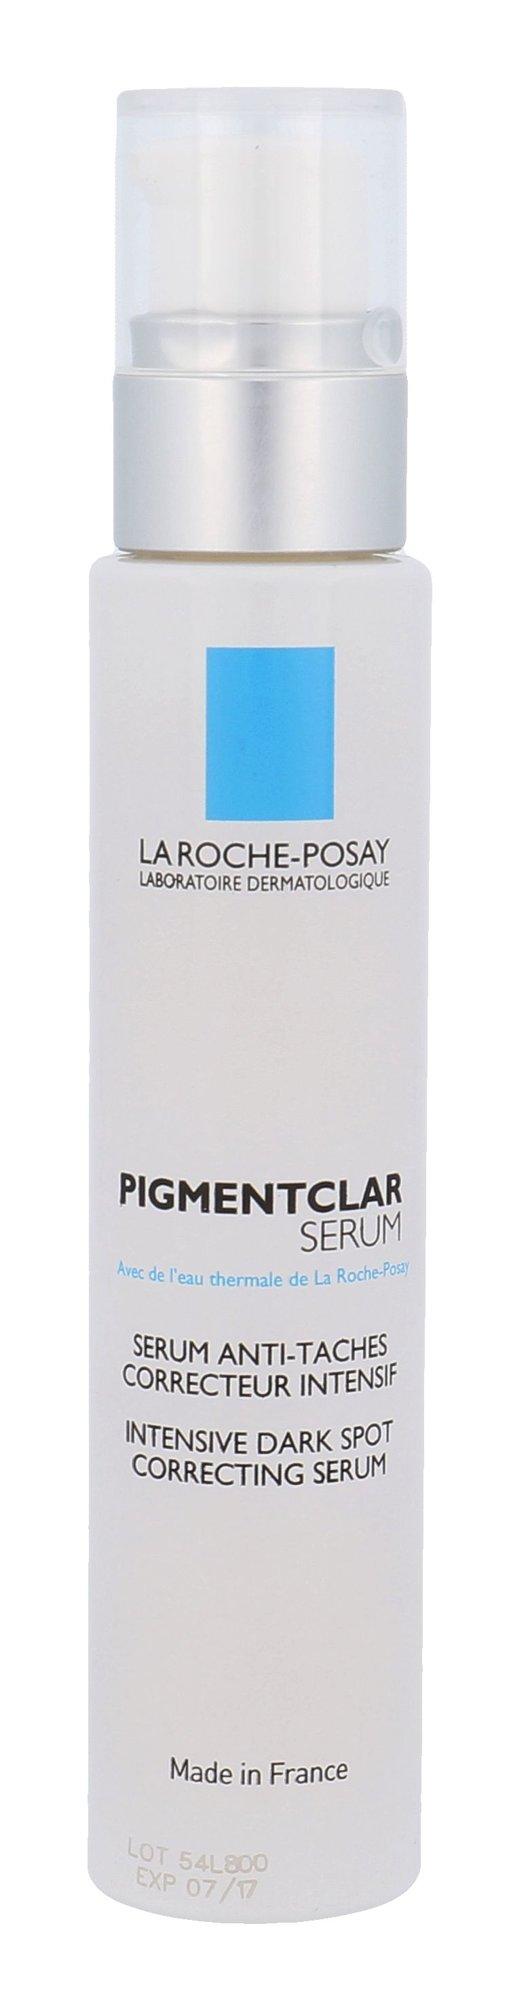 La Roche-Posay Pigmentclar Cosmetic 30ml